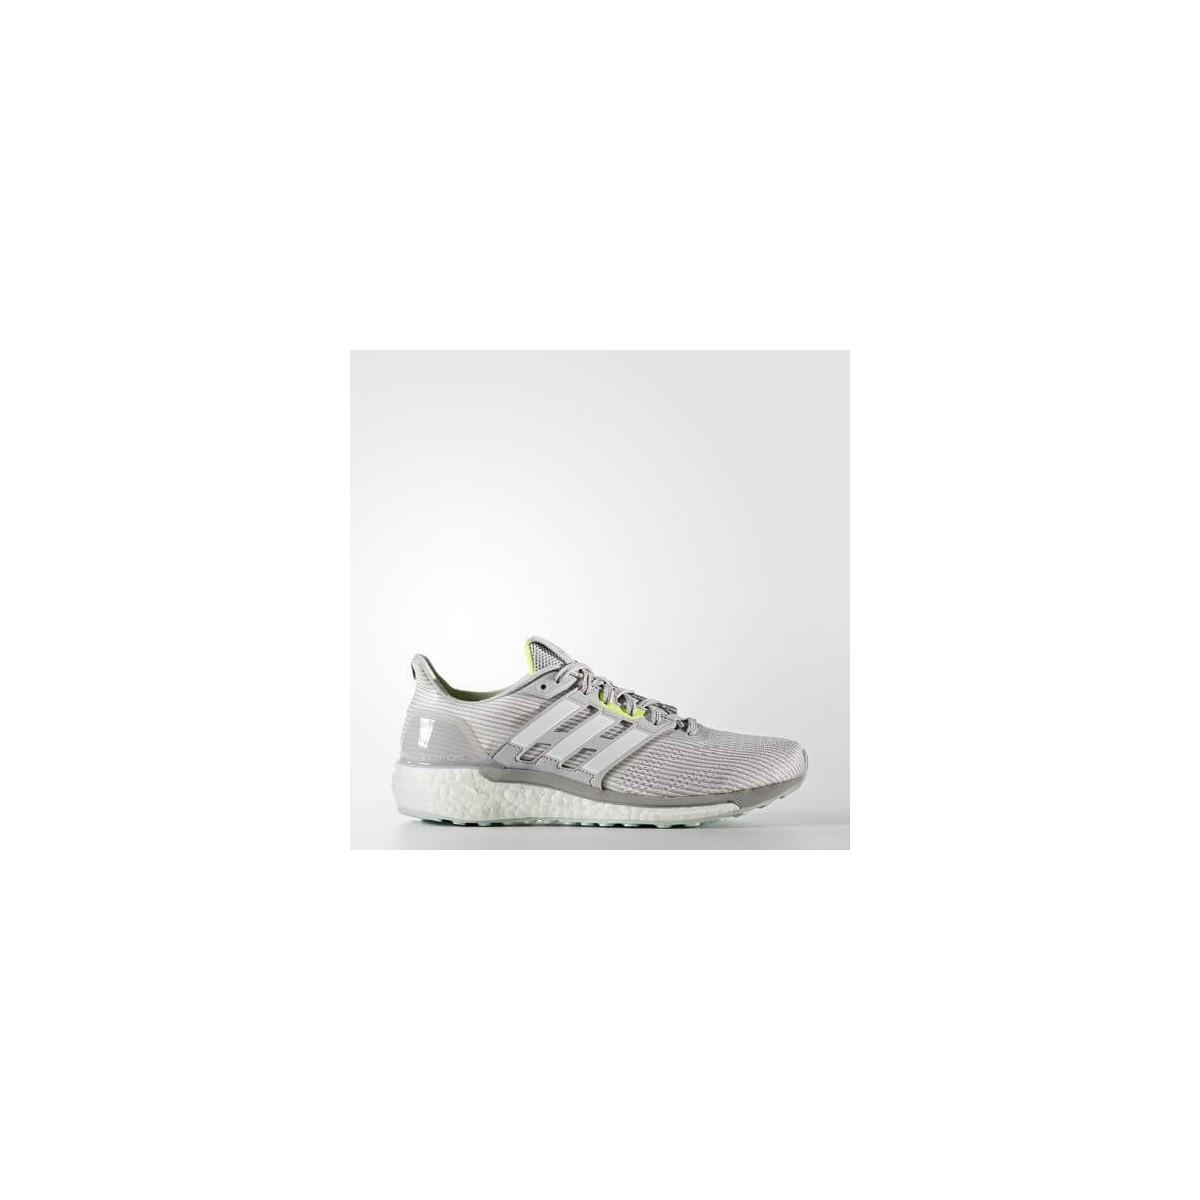 adidas tubular gris y blanca